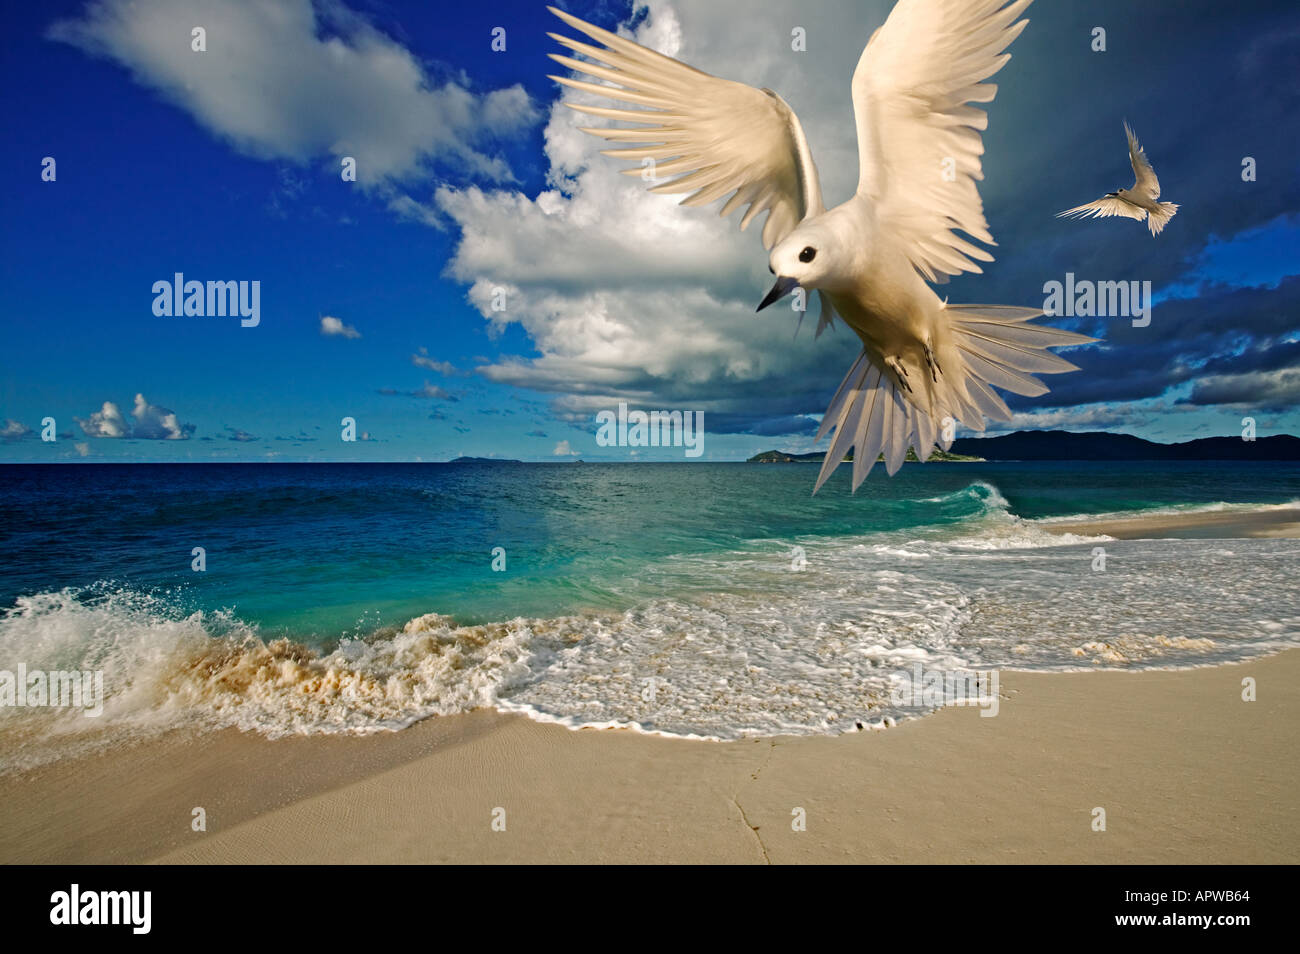 Spiaggia Tropicale scena con White Fairy Tern Gygis alba Cousine Island Seychelles digitalmente immagine modificata Immagini Stock